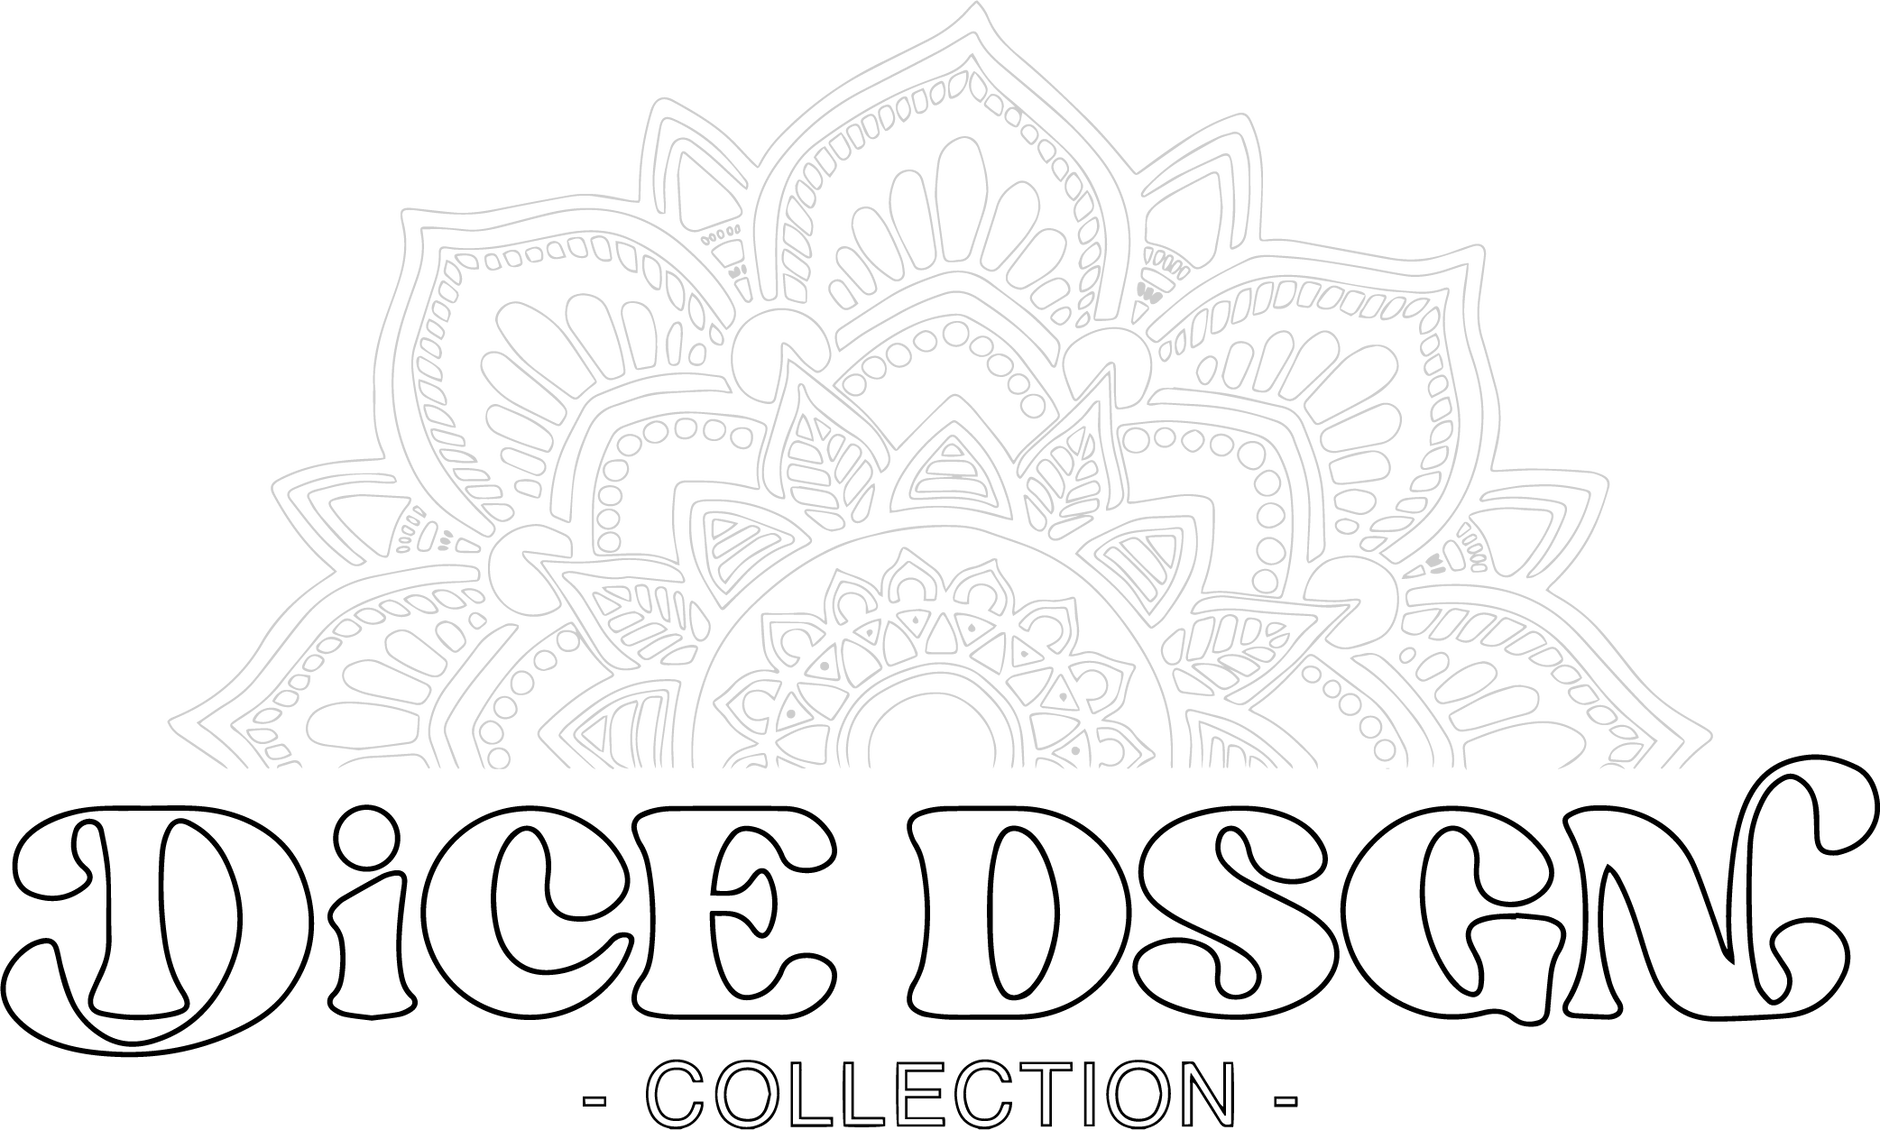 DiCE DSGN